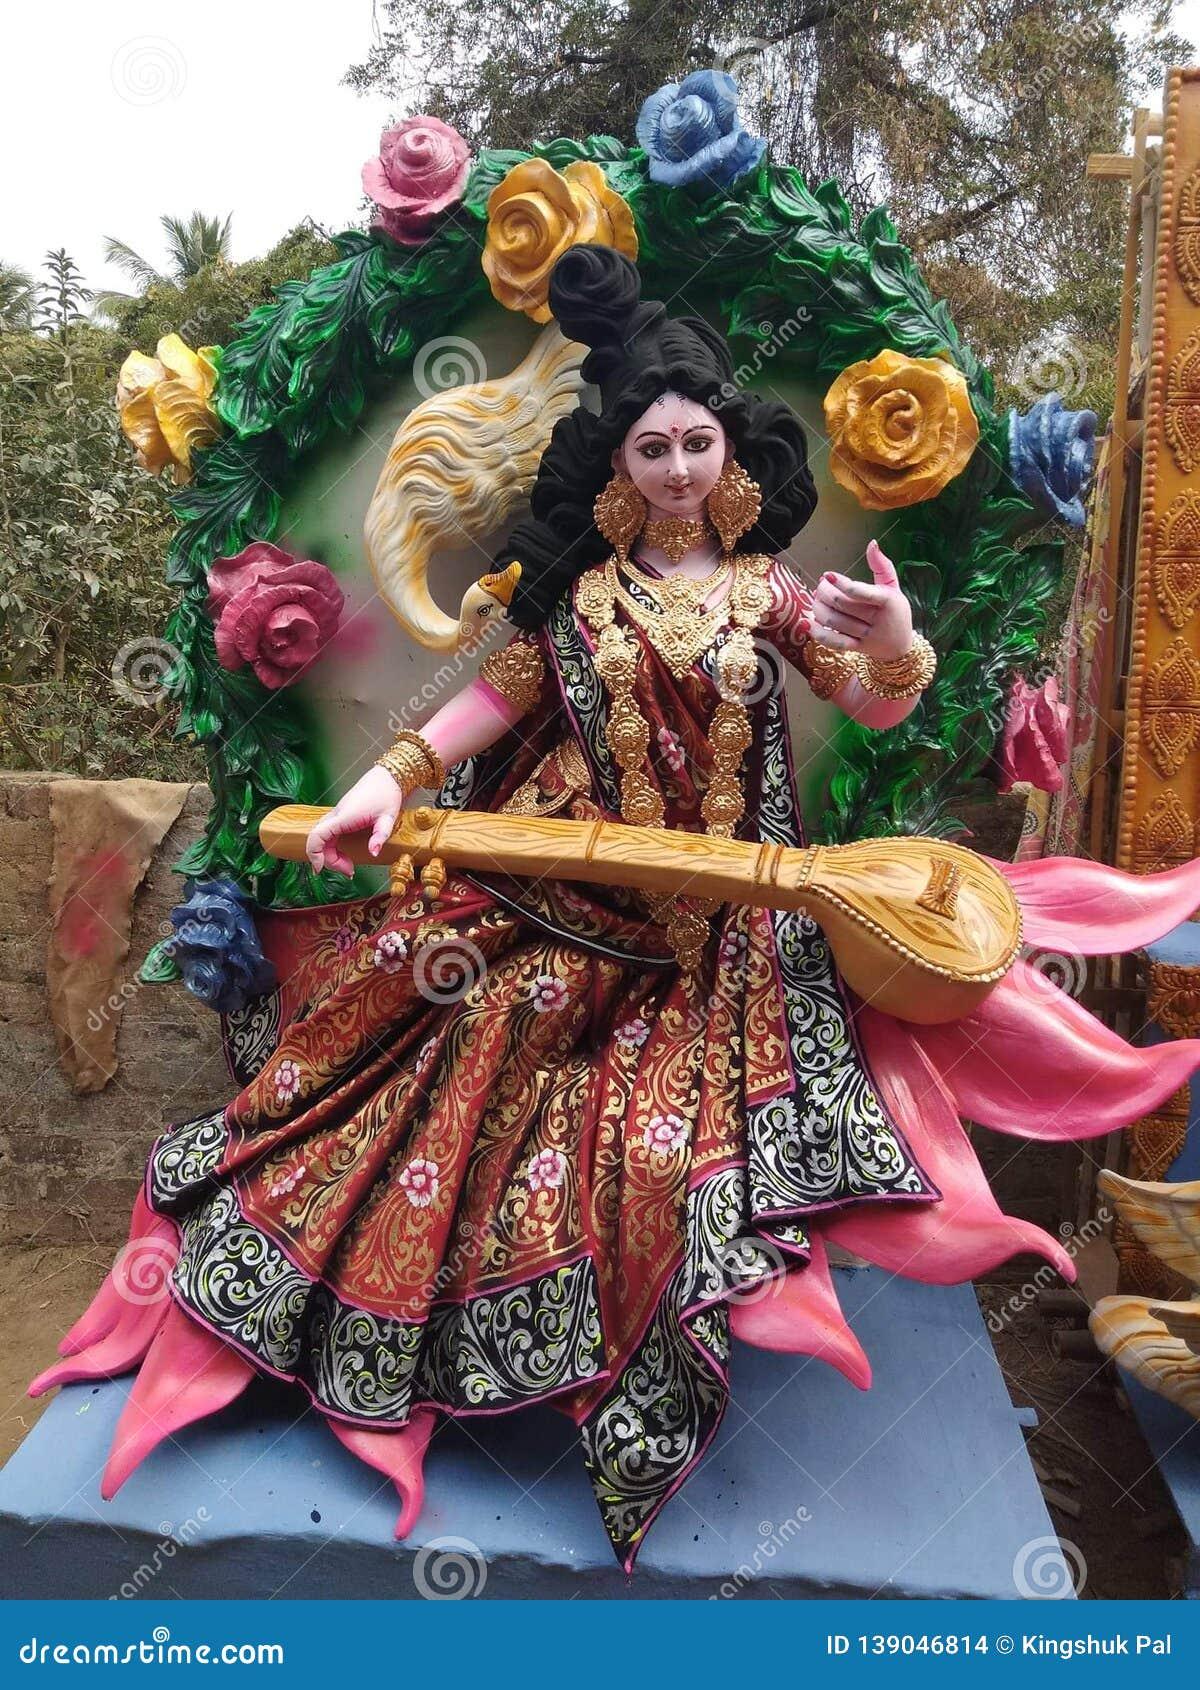 Indian goddess stock photo  Image of education, name - 139046814